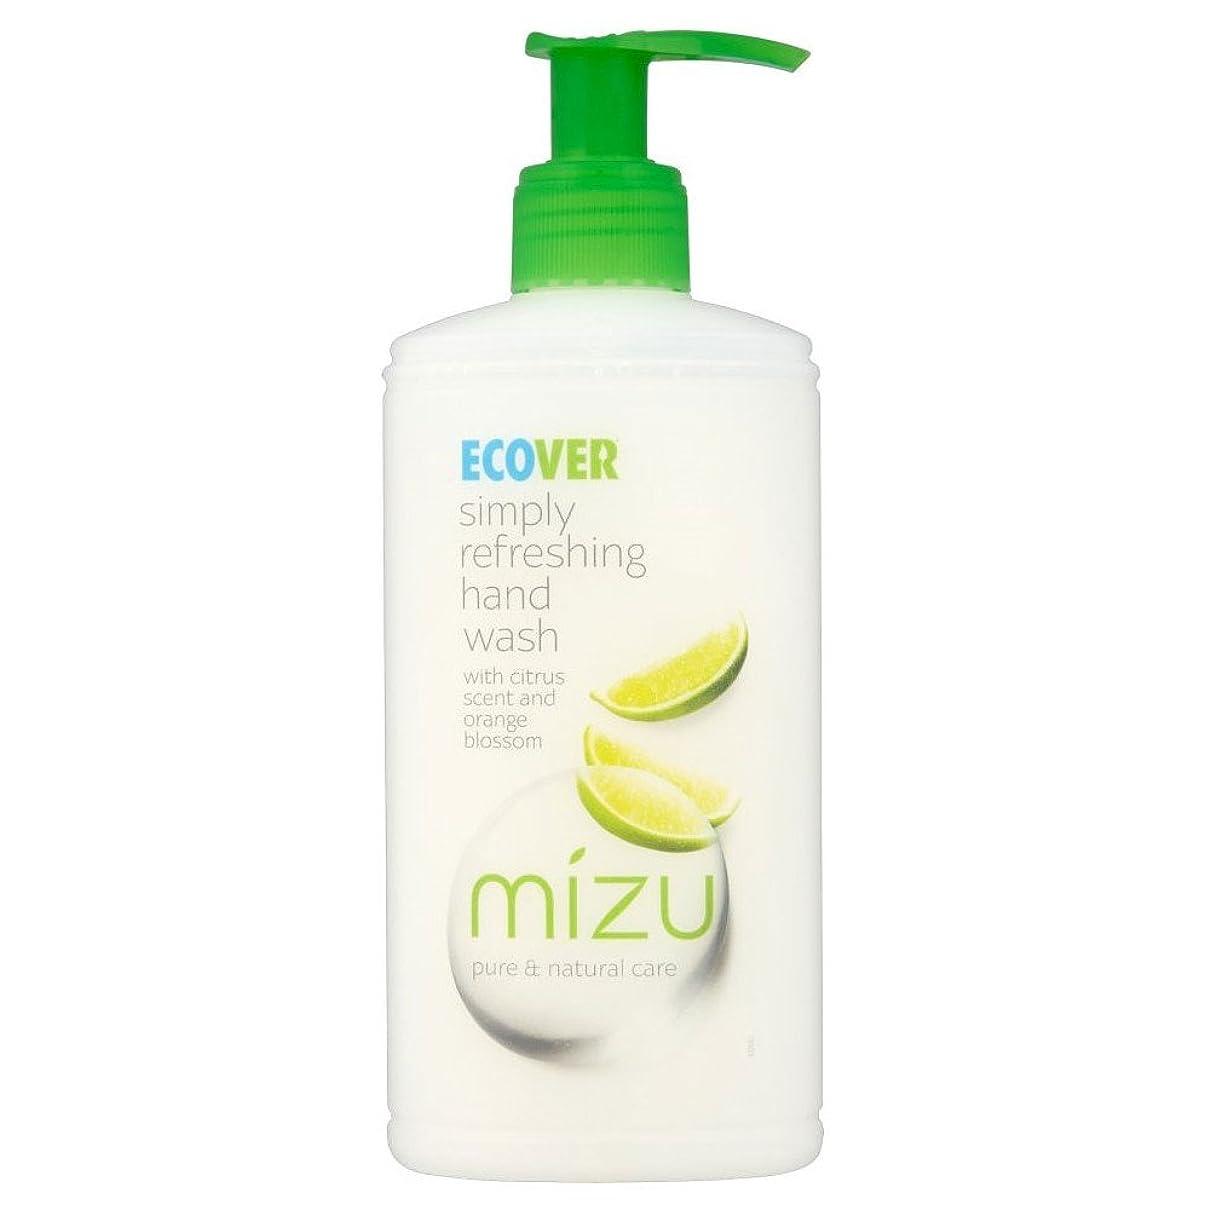 告白締める負荷Ecover Liquid Hand Soap Citrus & Orange Blossom (250ml) エコベール液体ハンドソープシトラスとオレンジの花( 250ミリリットル) [並行輸入品]